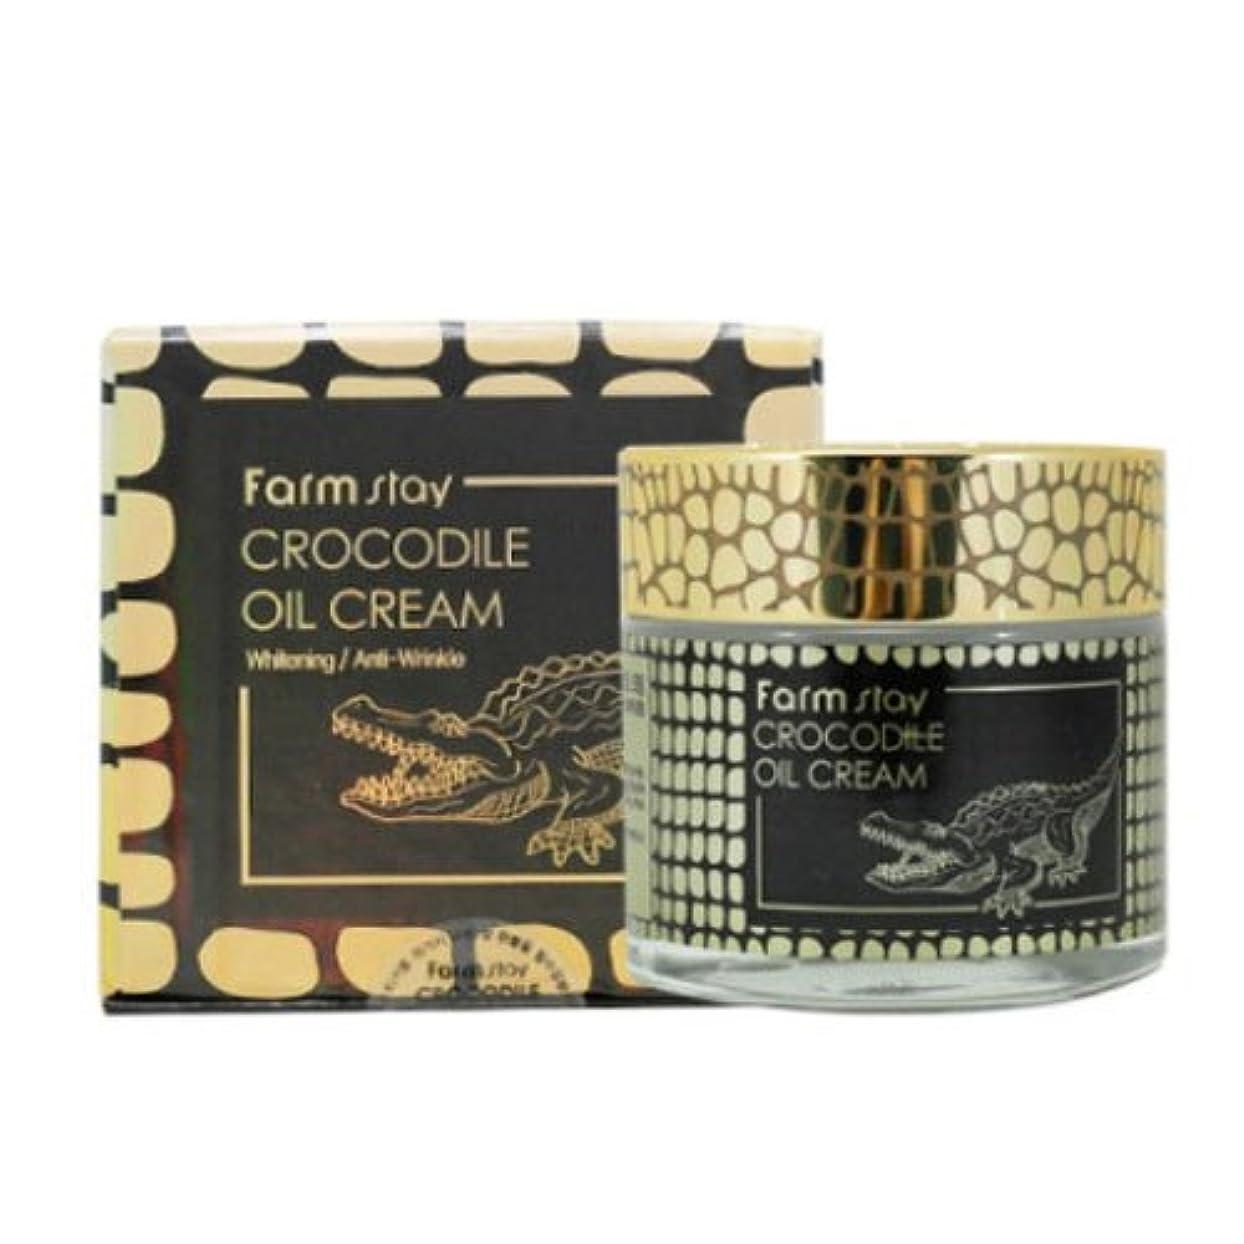 スラック面積不安ファームステイ[韓国コスメFarm Stay]Crocodile Oil Cream ワニオイルクリーム70g しわ管理 美白[並行輸入品]